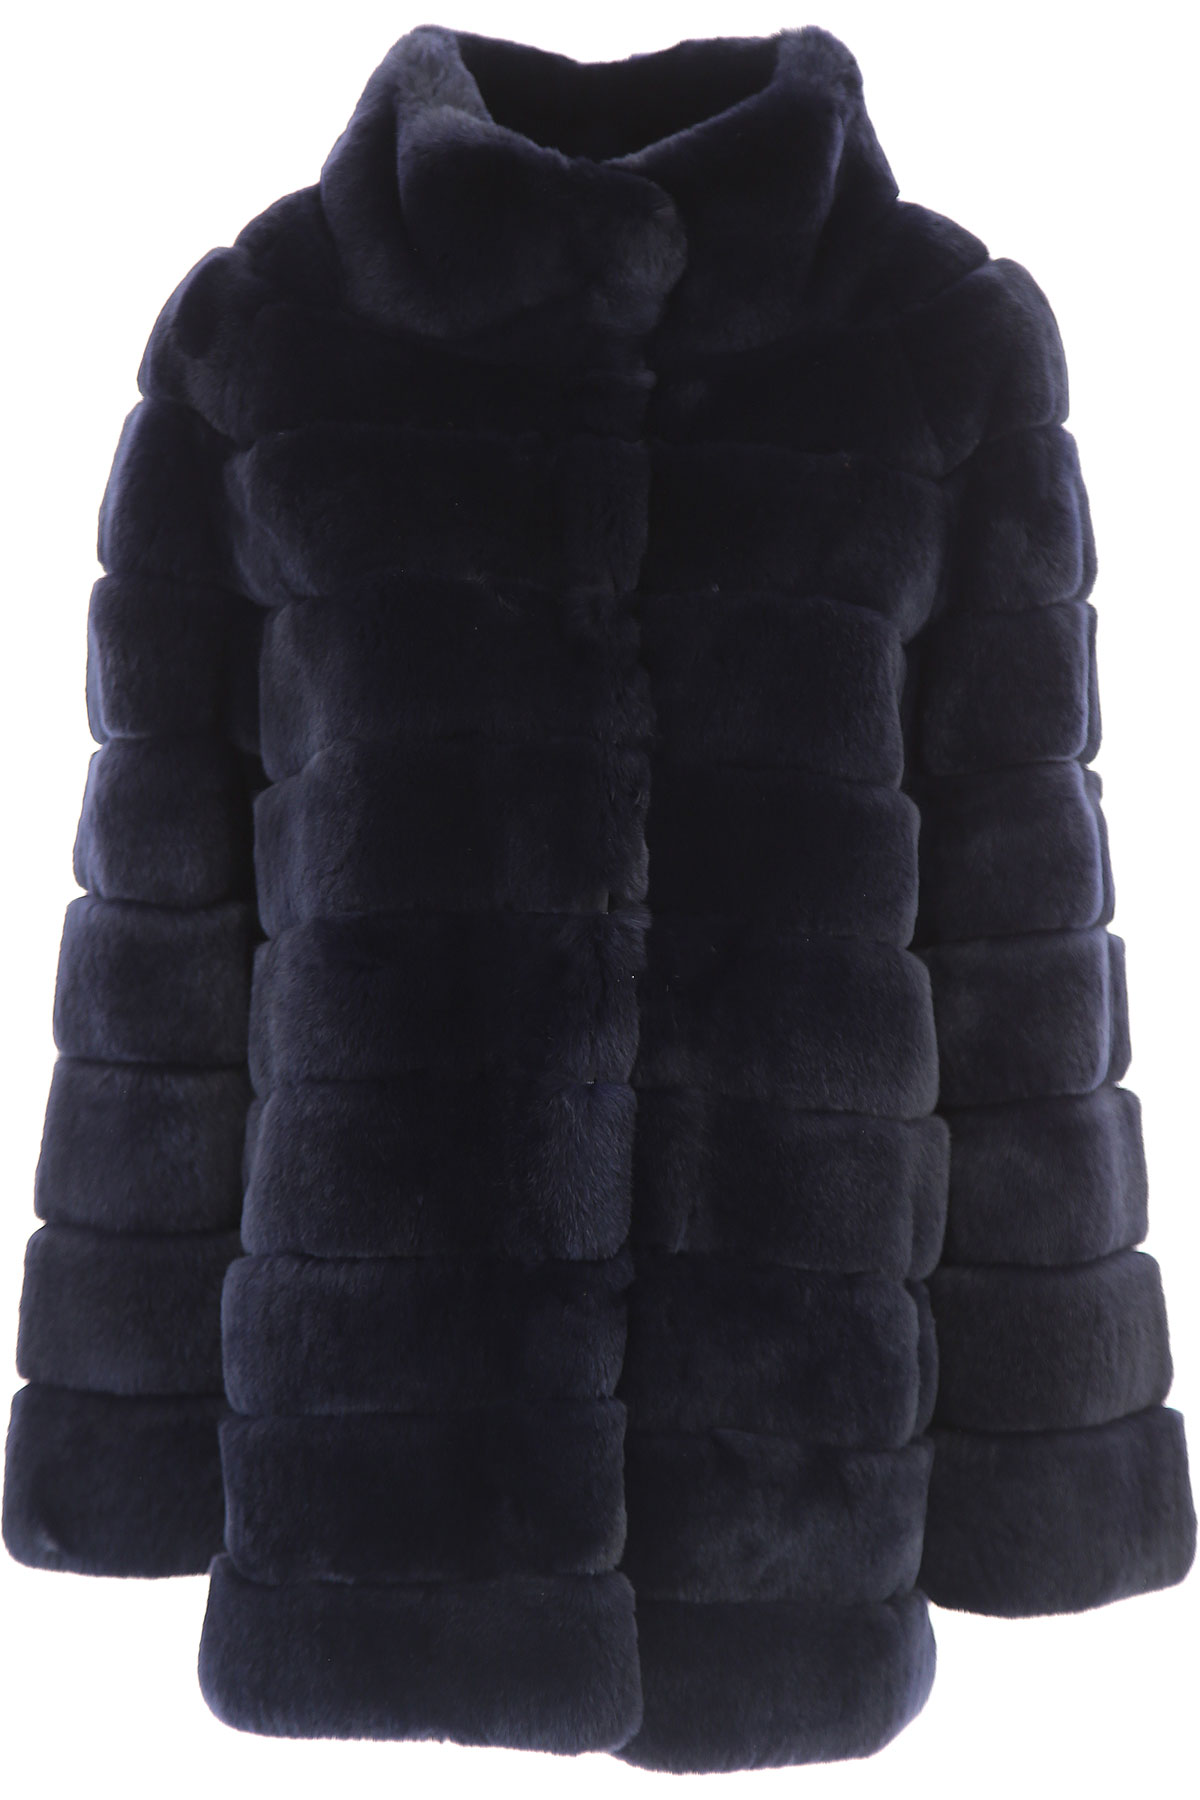 Image of S.W.O.R.D Jacket for Women, Dark Midnight Blue, Fur, 2017, FR 36 • IT 40 FR 38 • IT 42 FR 40 • IT 44